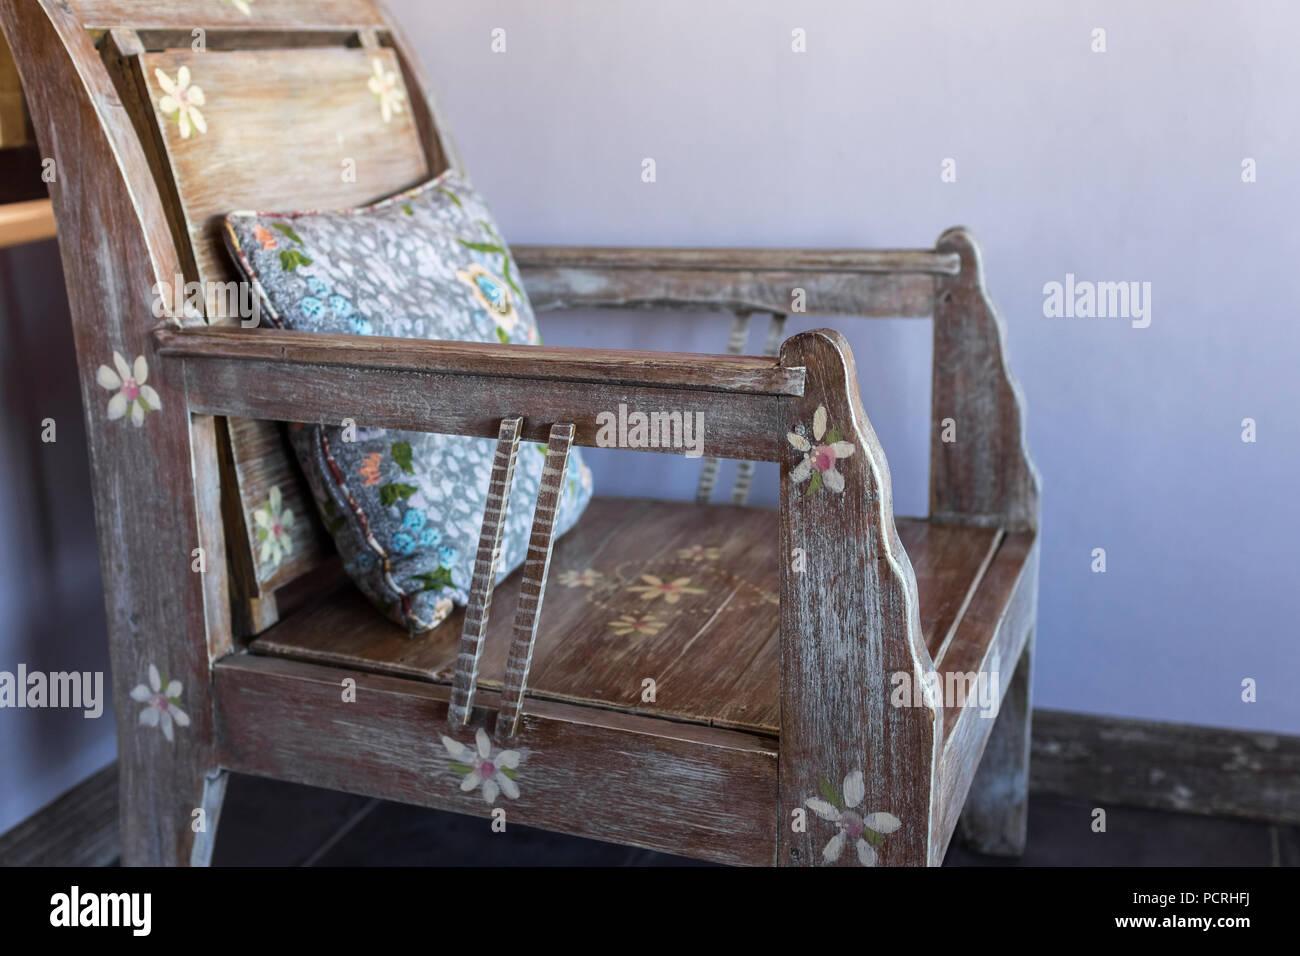 Vintage in legno con mobili fatti a mano cuscini colorati foto immagine stock 214418950 alamy - Mobili colorati design ...